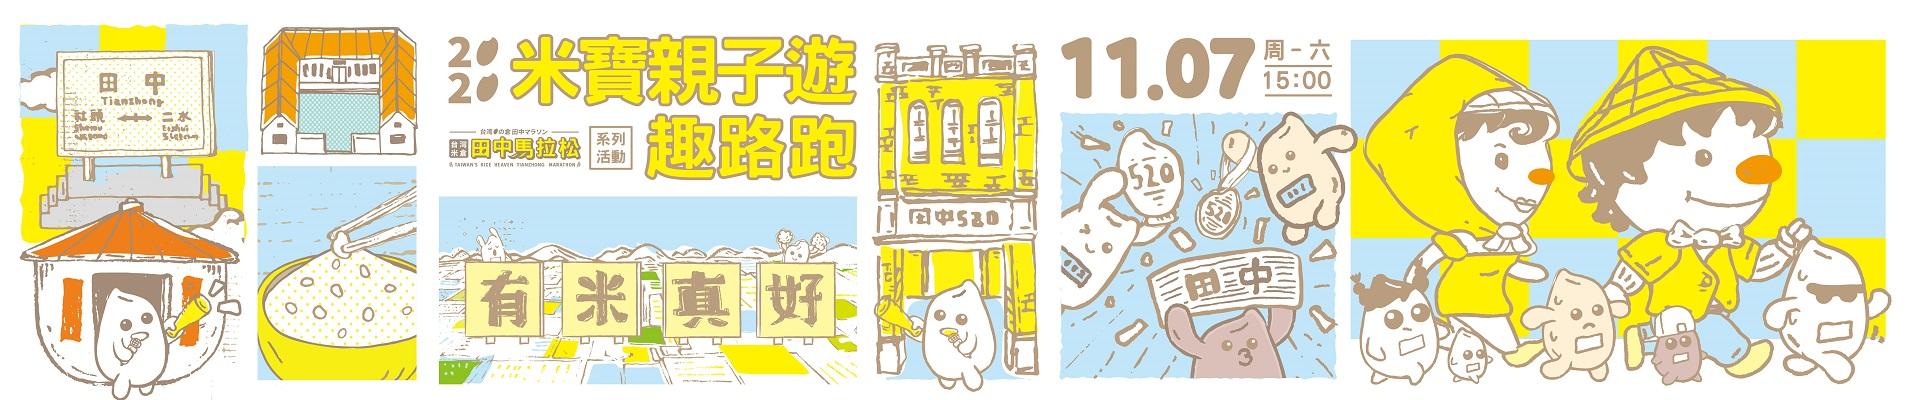 2020田中馬拉松系列活動-米寶親子遊趣路跑-主視覺